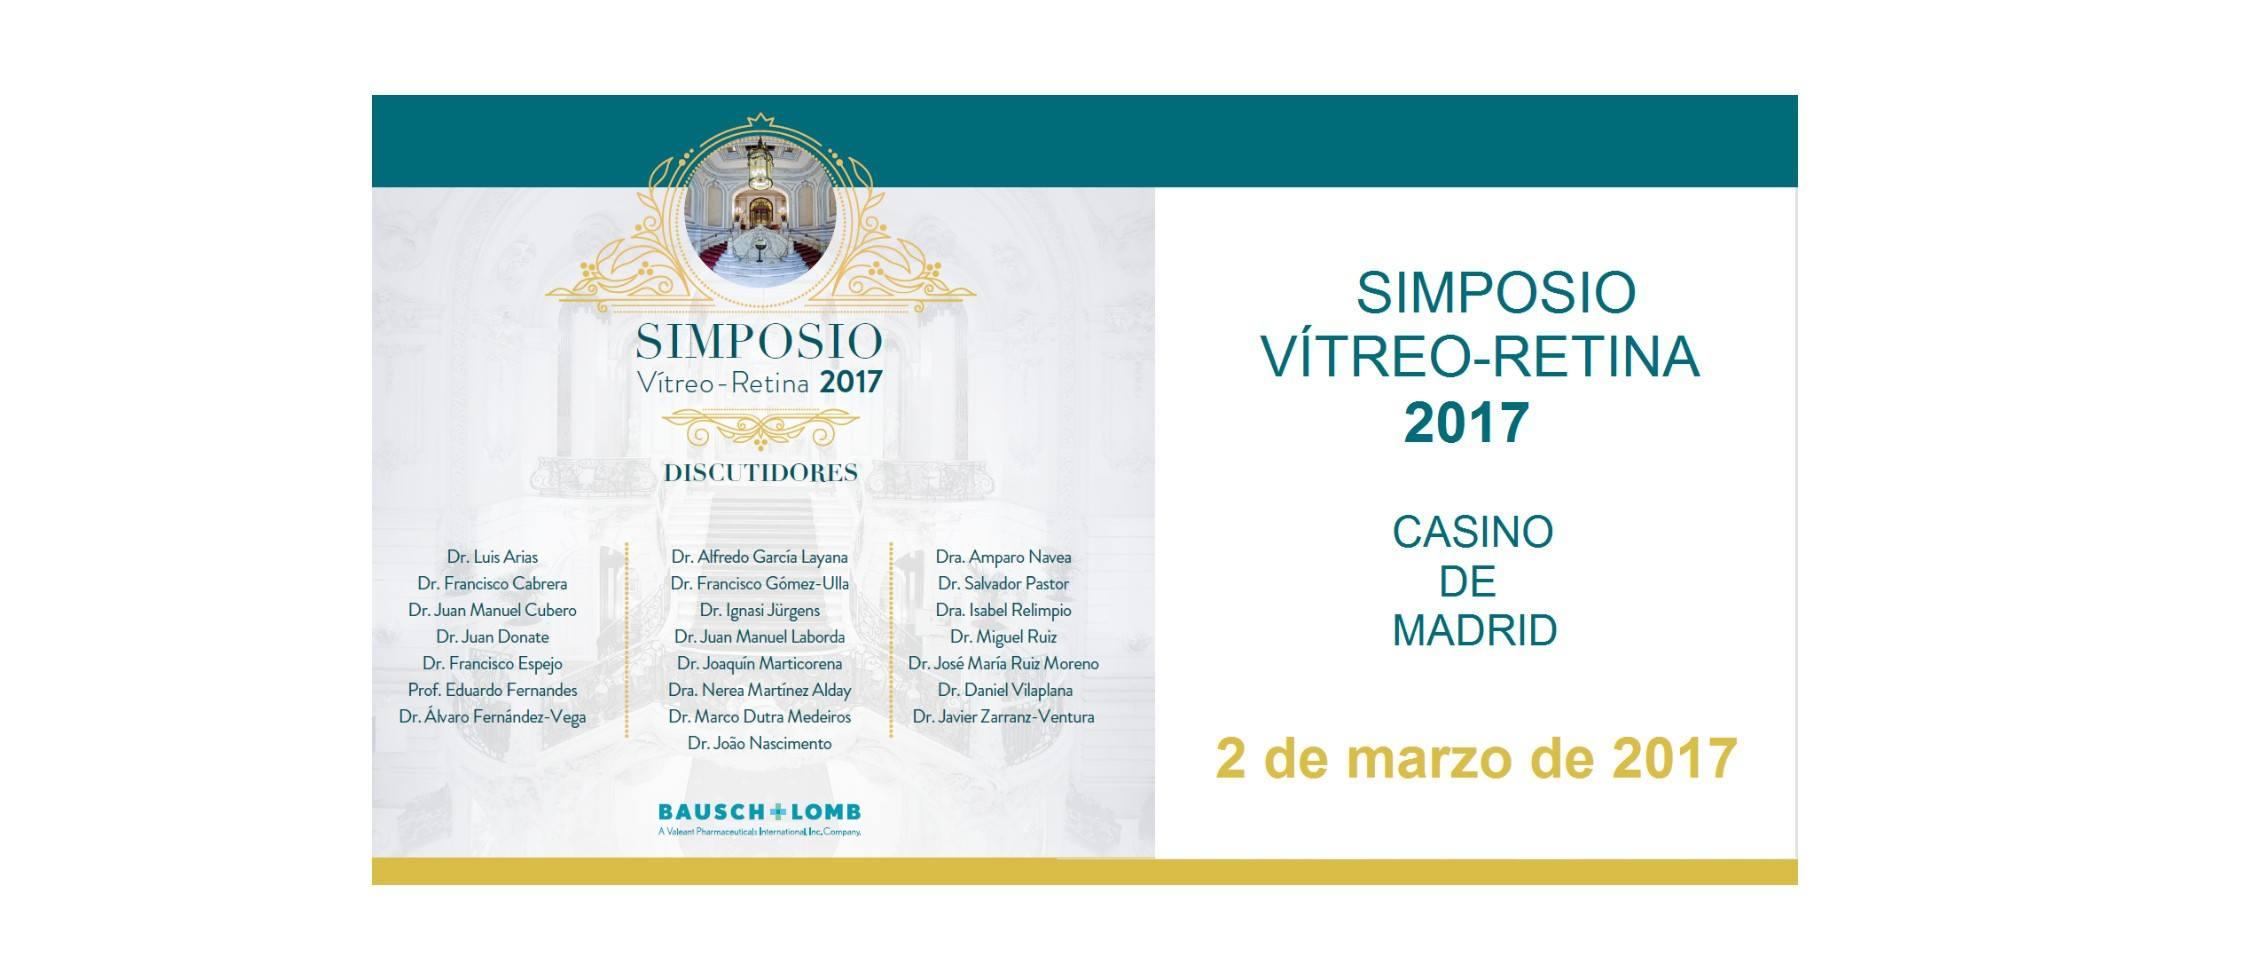 El Dr. Jürgens, participará en el Simposio de Vítreo-Retina 2017